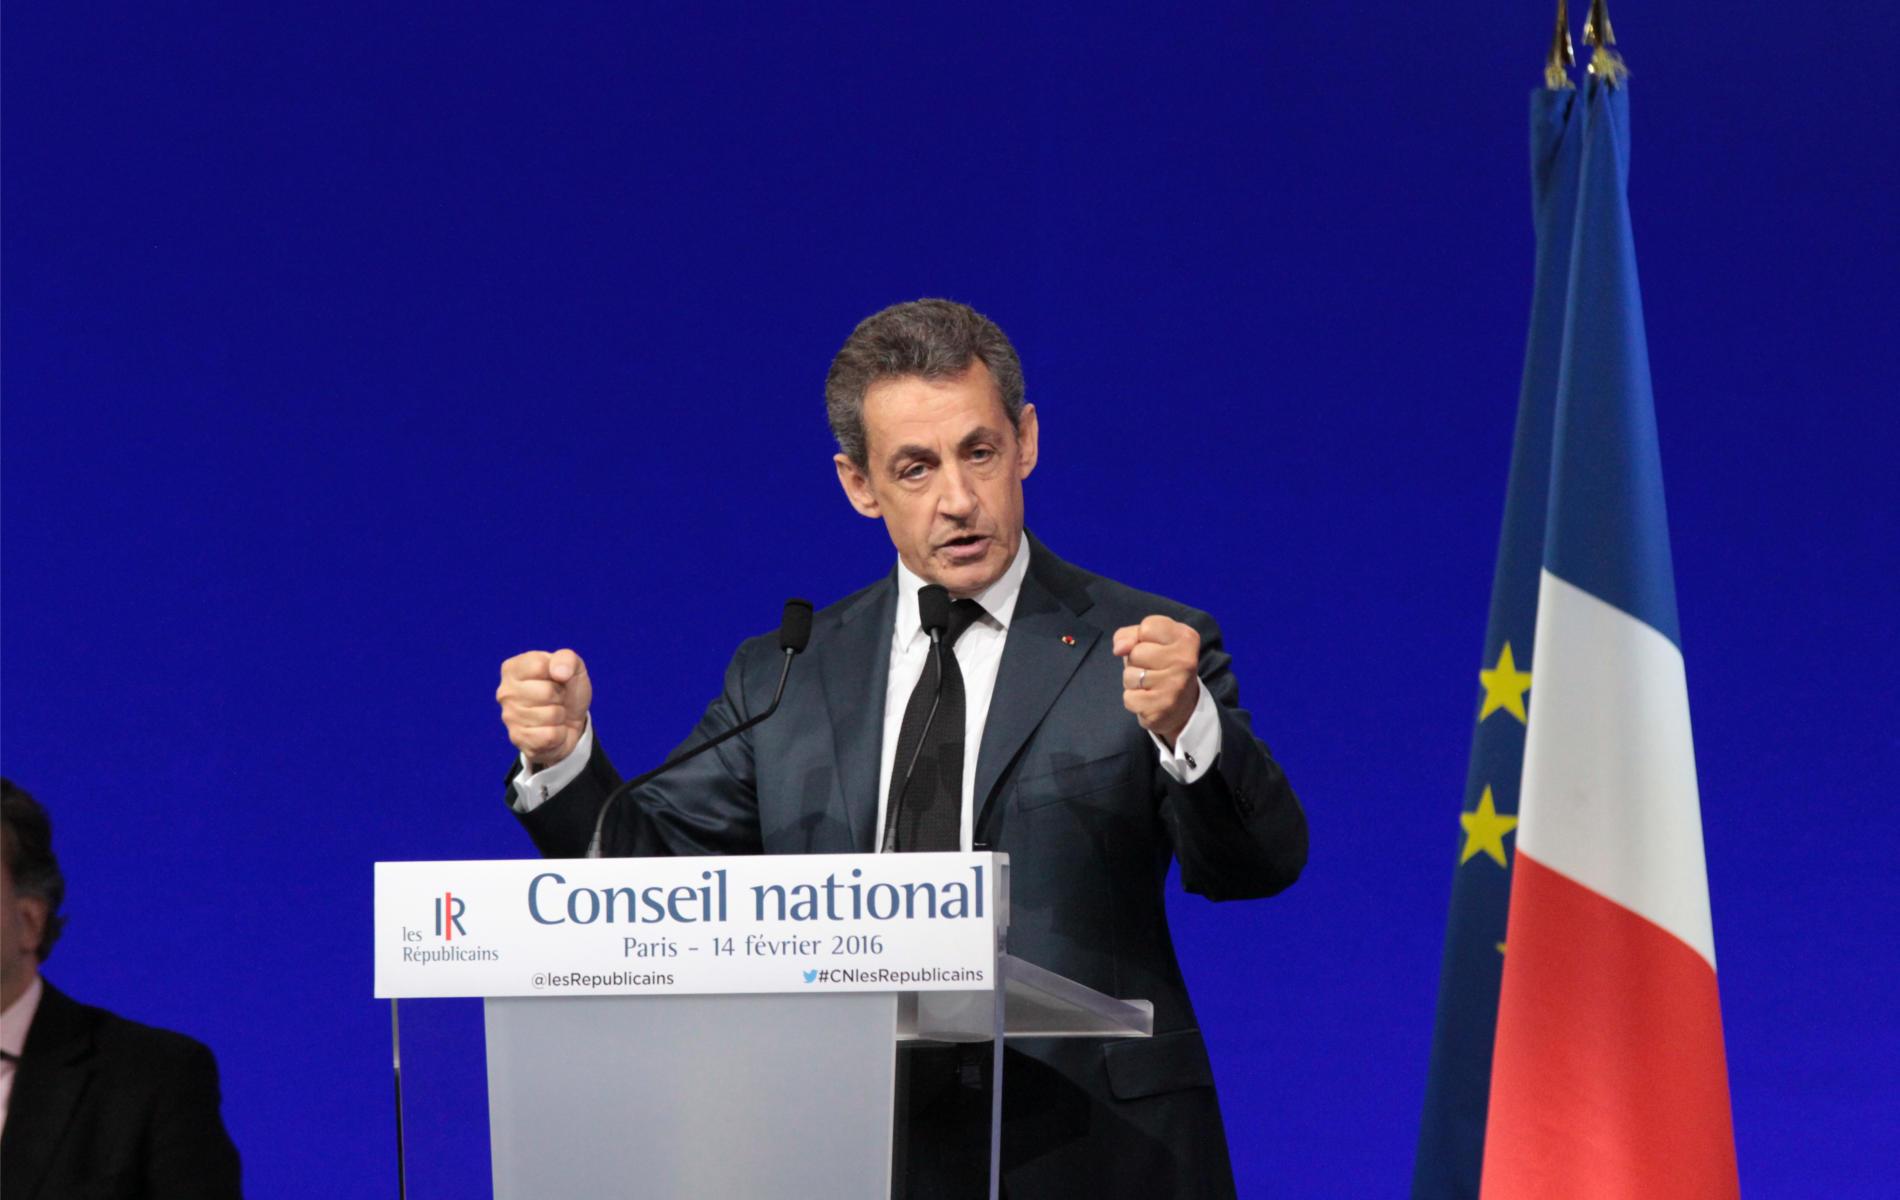 Au Conseil National, Nicolas Sarkozy définit les 14 « points cardinaux » de la ligne politique des Républicains